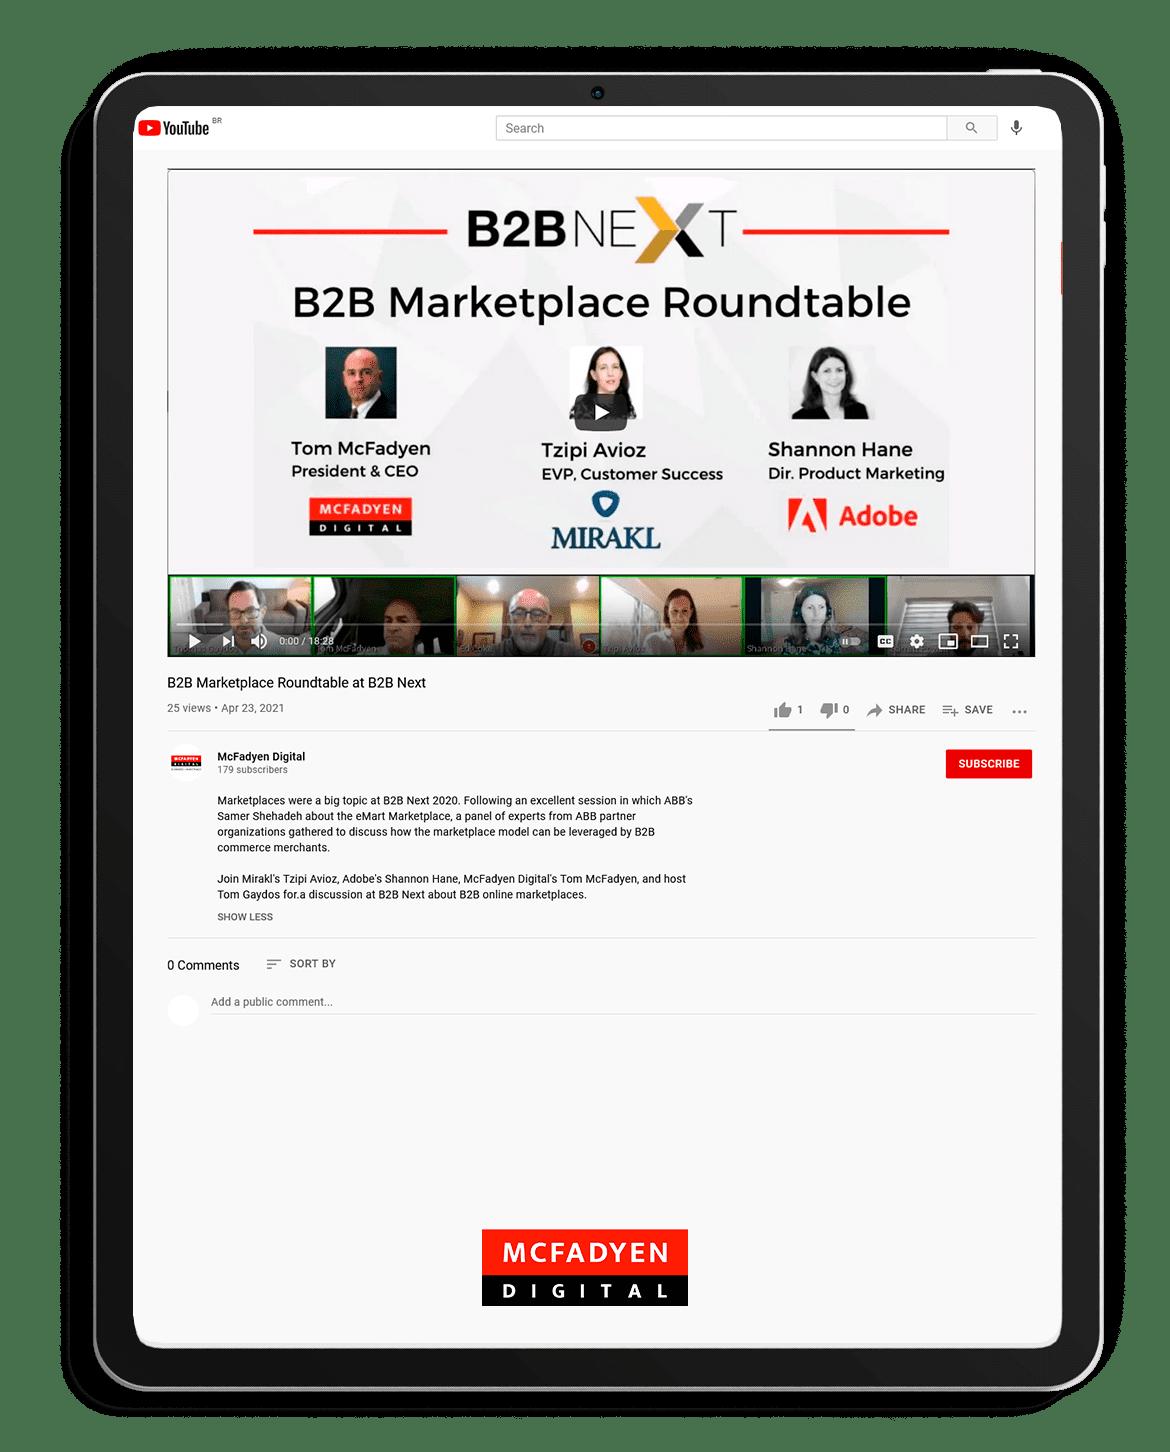 B2B Marketplace Roundtable